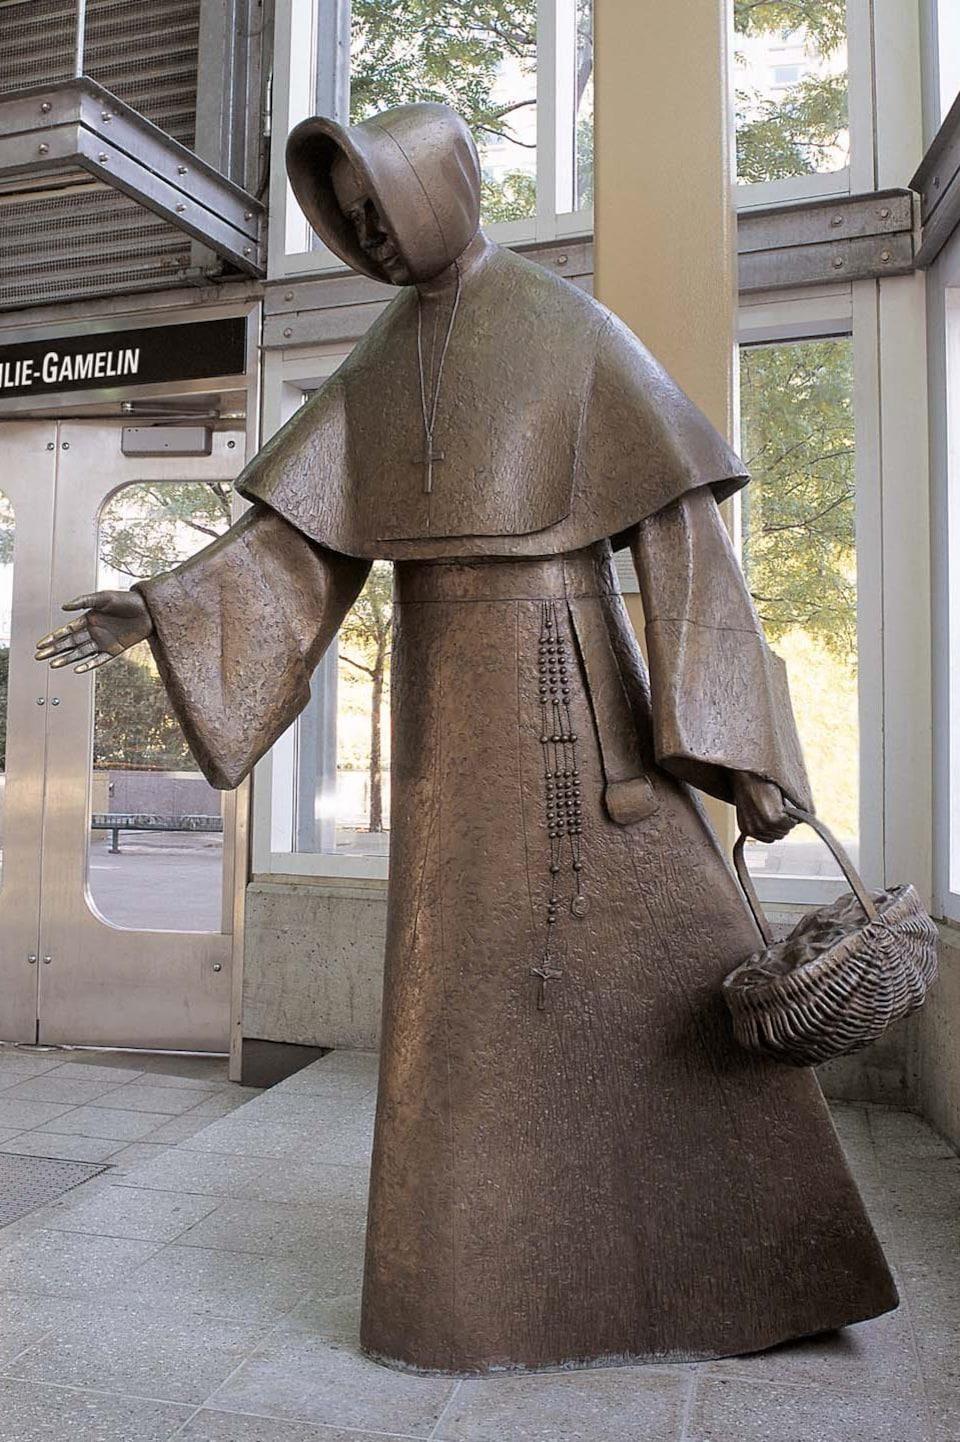 La statue d'Émilie Gamelin réalisée par Raoul Hunter en 1999